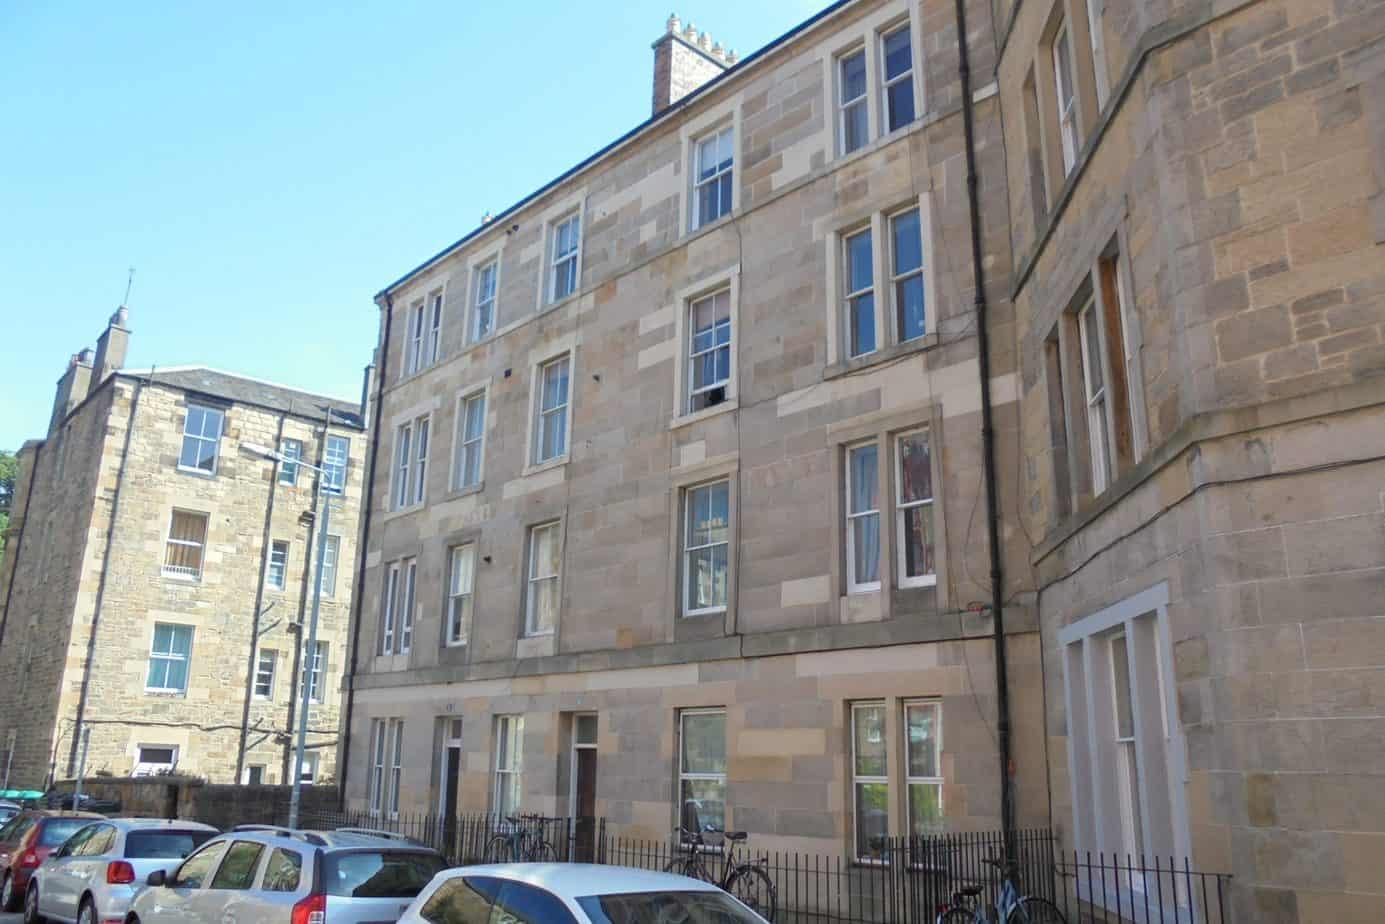 3/14 Moncrieff Terrace, Edinburgh EH9 1NB